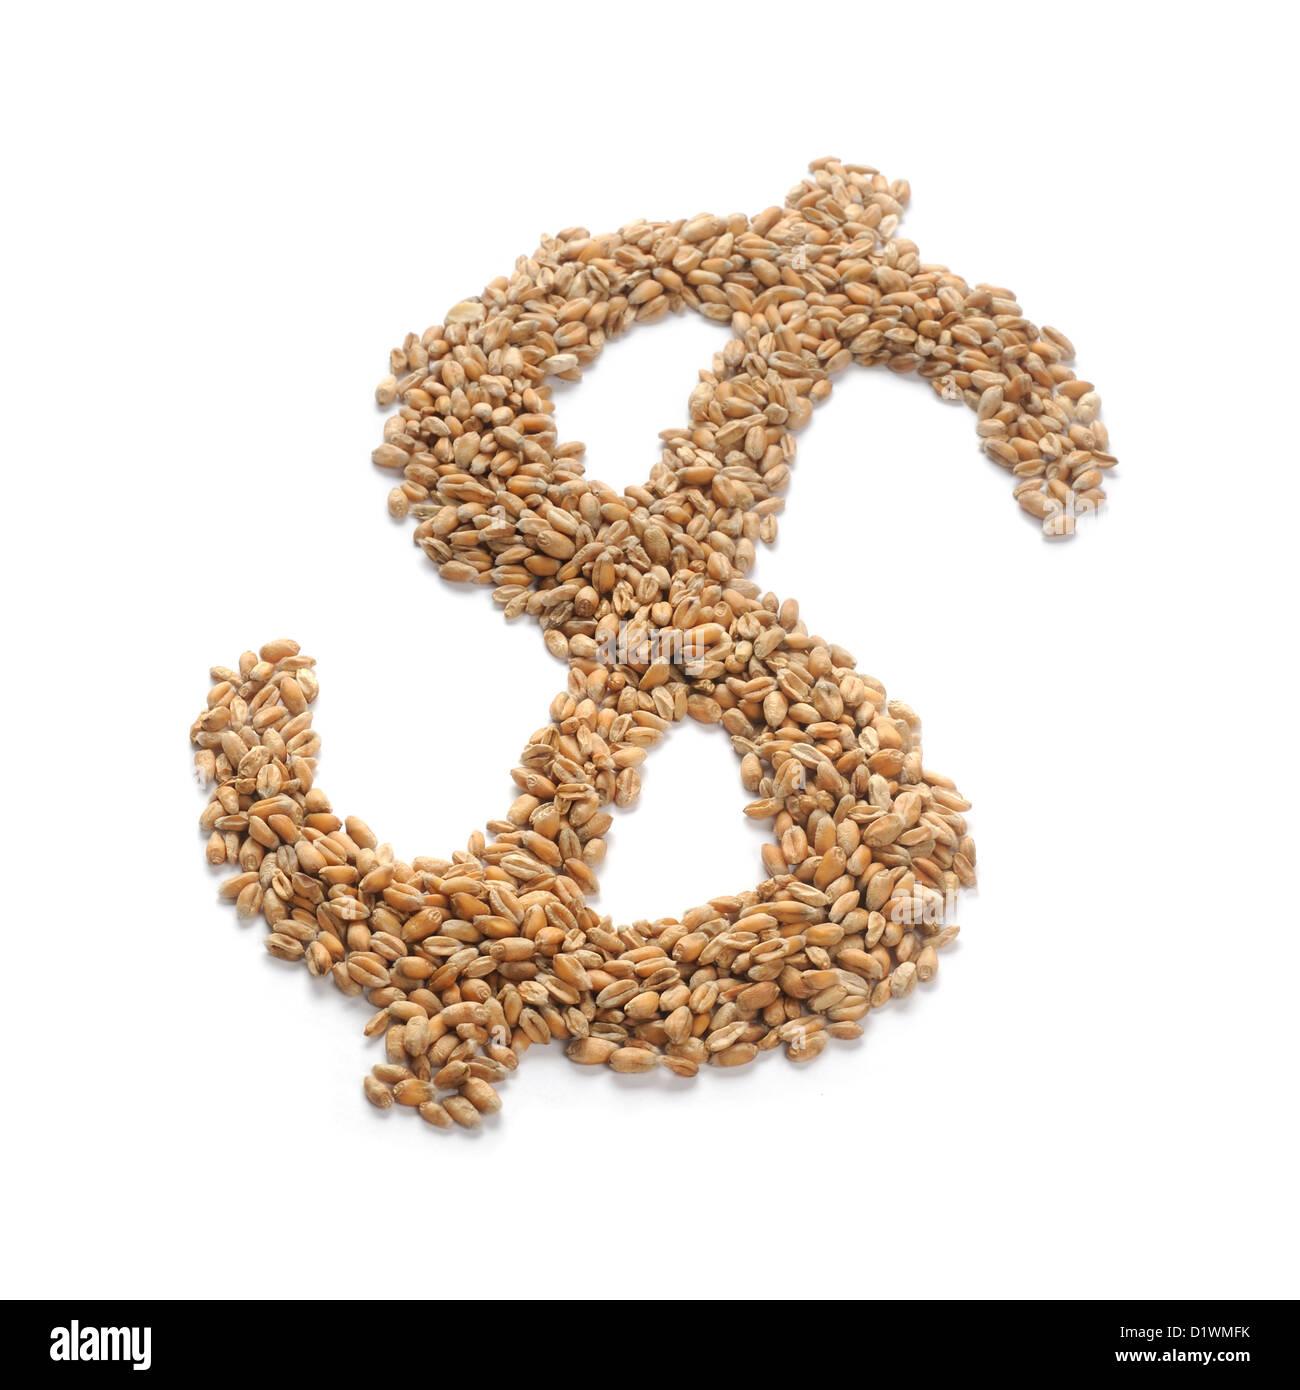 Los granos de trigo en forma de signo de dólar Imagen De Stock